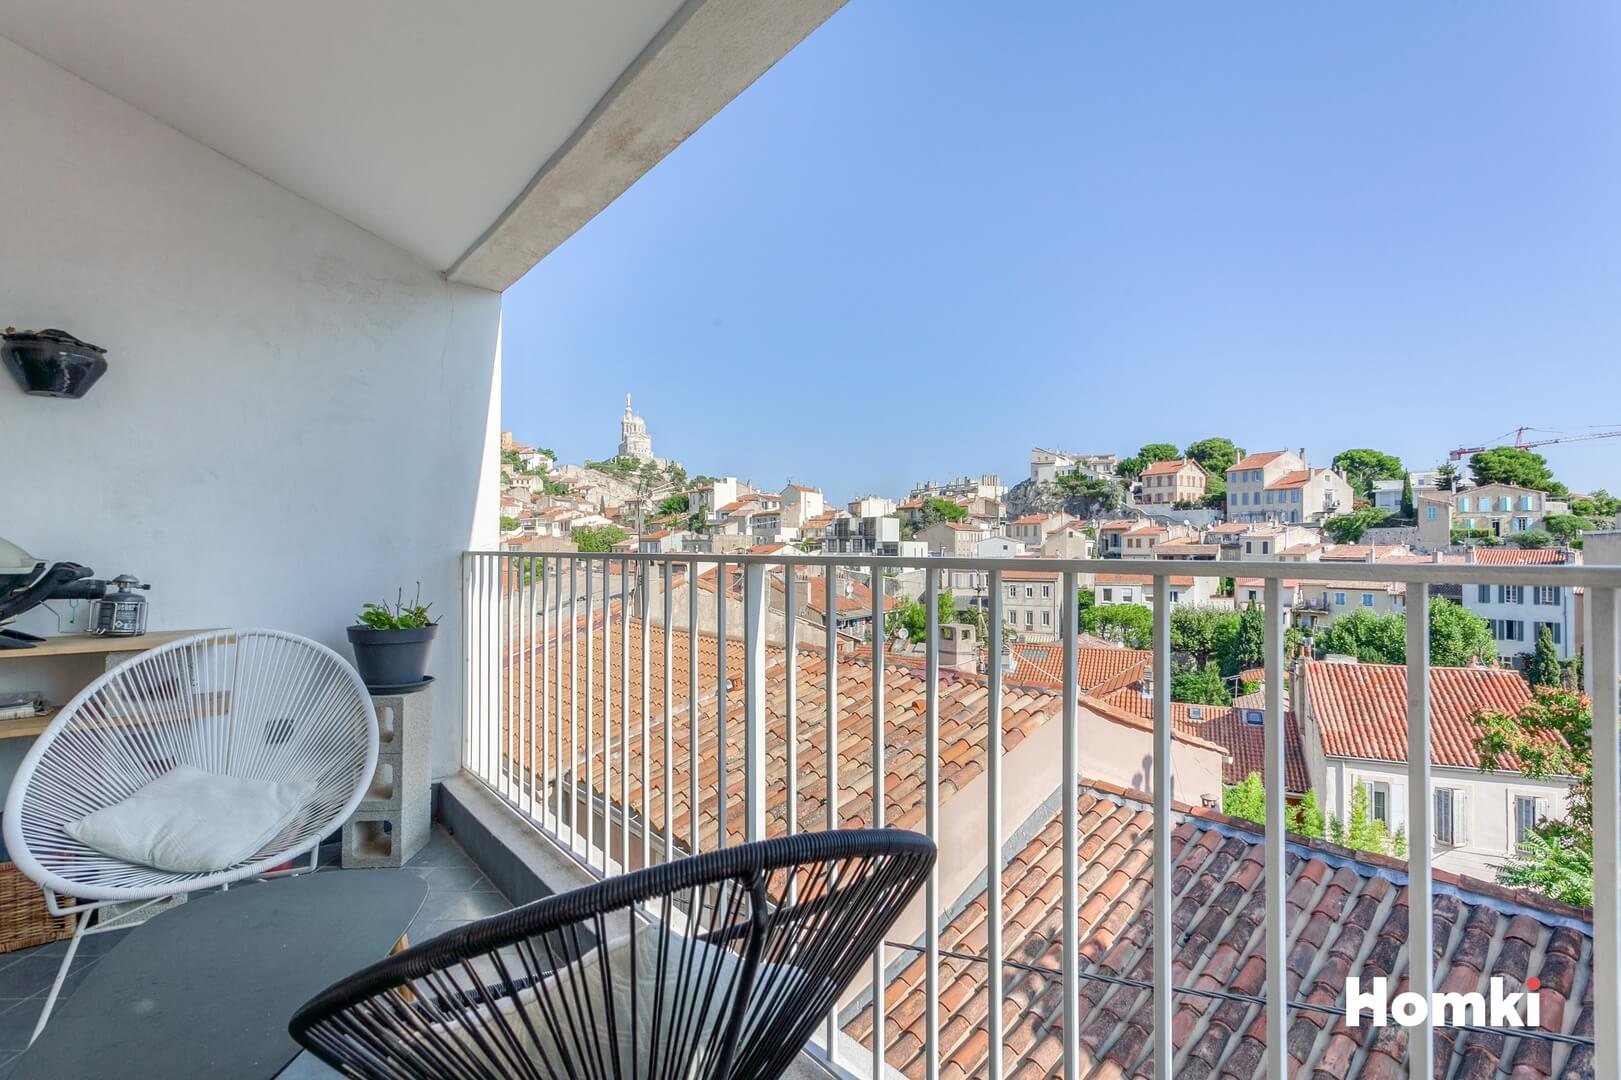 Homki - Vente Maison de ville  de 107.0 m² à Marseille 13006